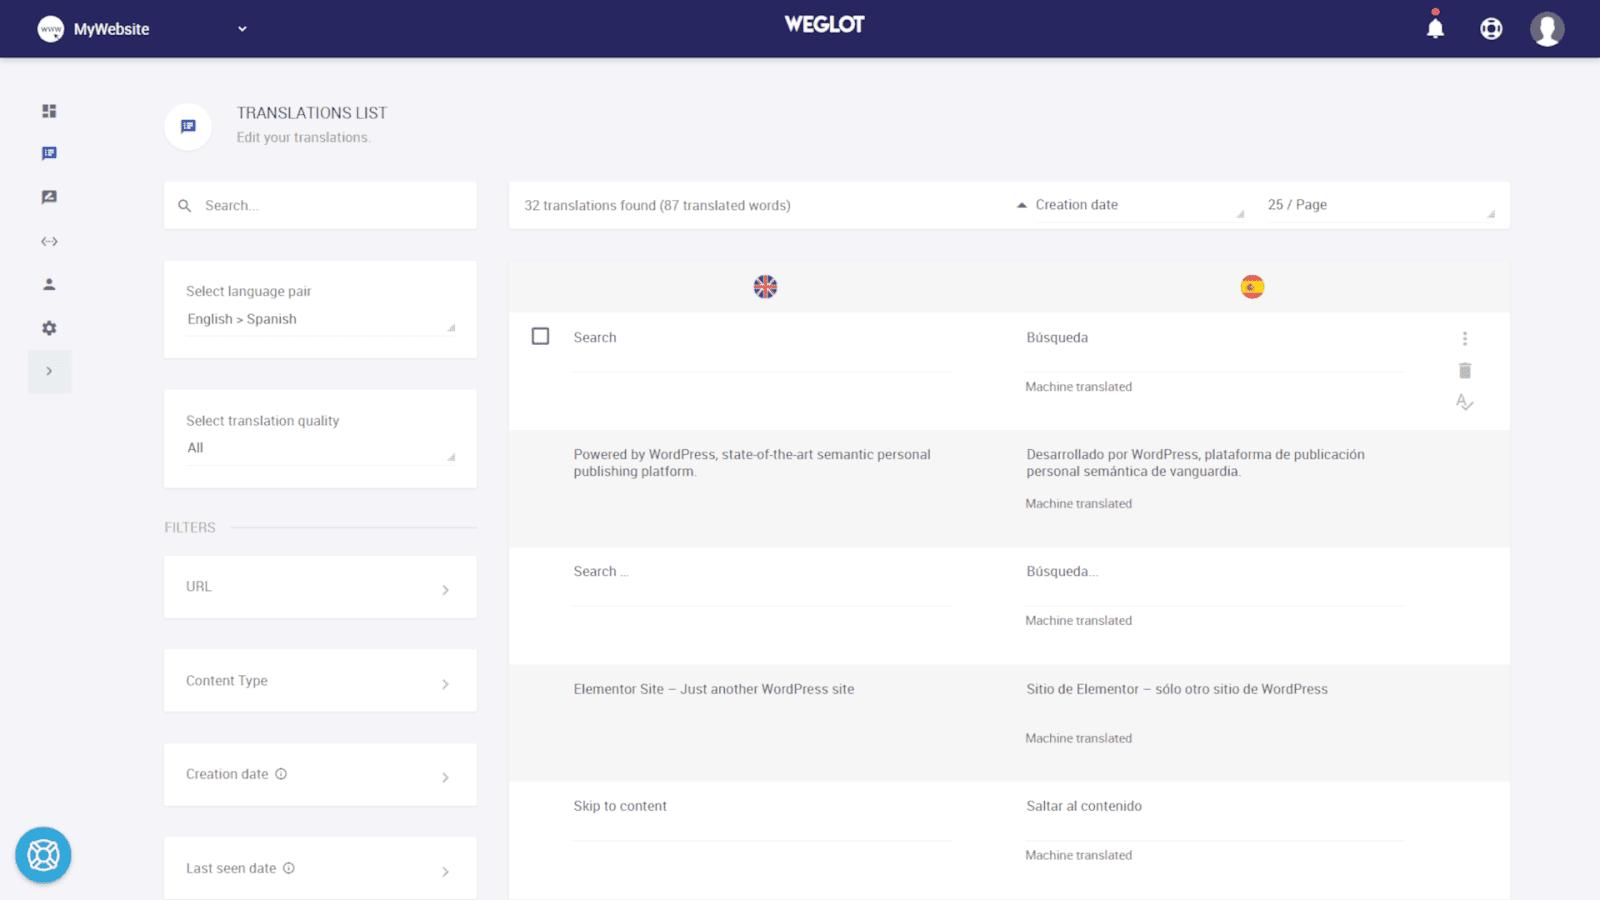 Elementor en Español: hacer un sitio multilenguaje con Weglot